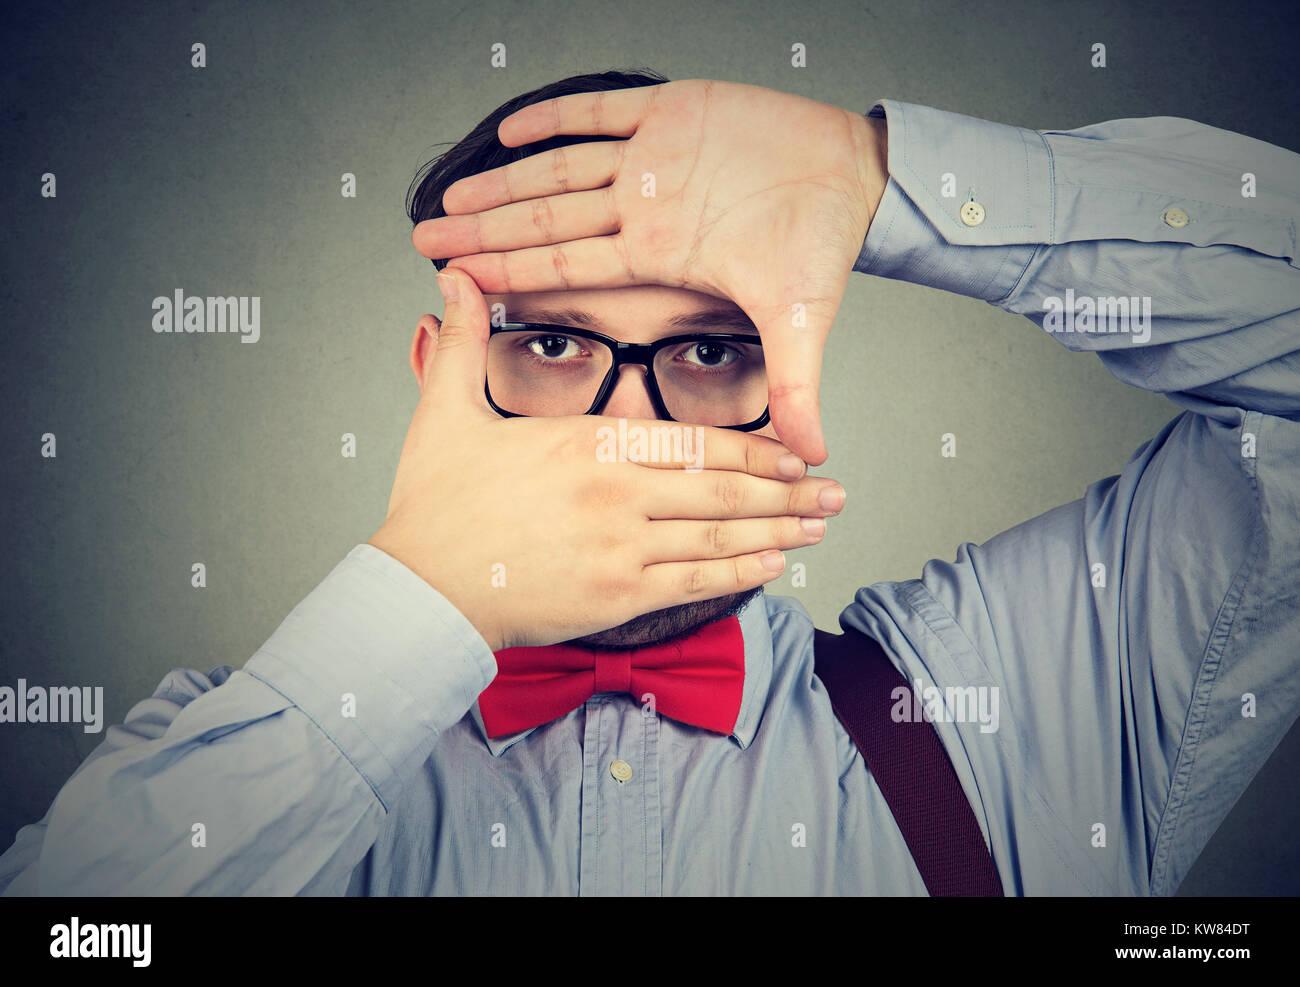 L'homme corpulent et cadre décisionnel looking at camera avec vision limitée. Photo Stock